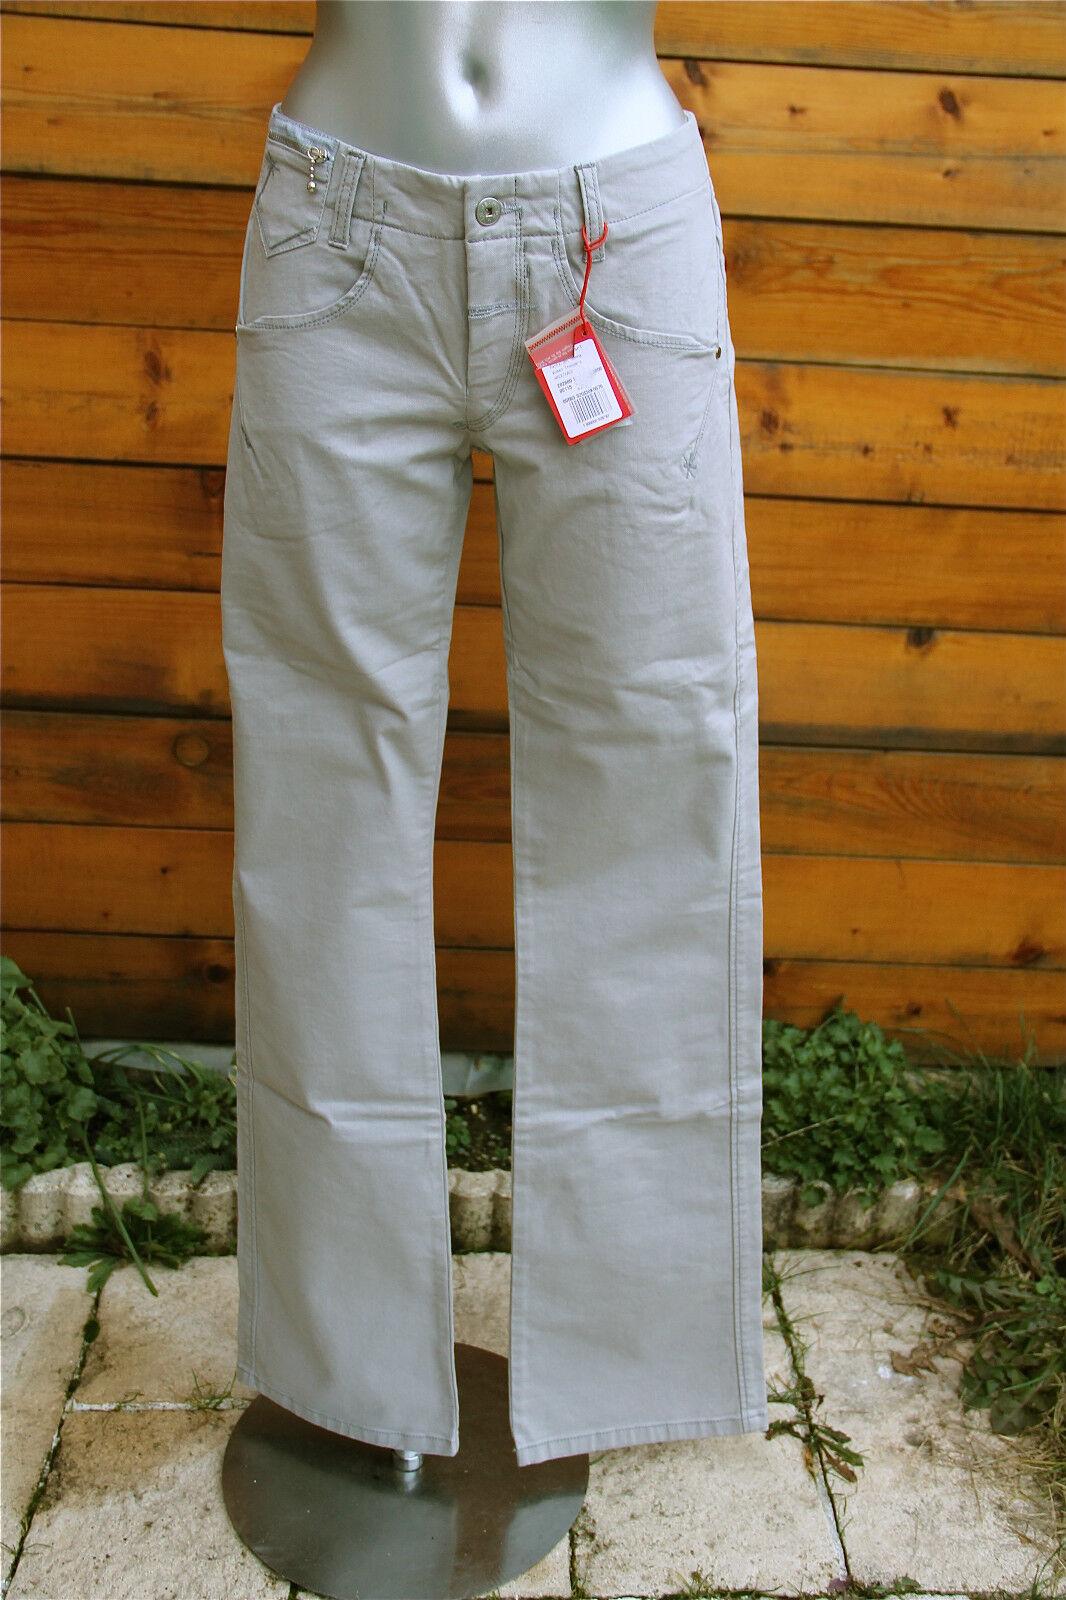 Jeans grigio elasticizzato MARITHÉ FRANCOIS GIRBAUD amerikass T 34 (24) NUOVO DF